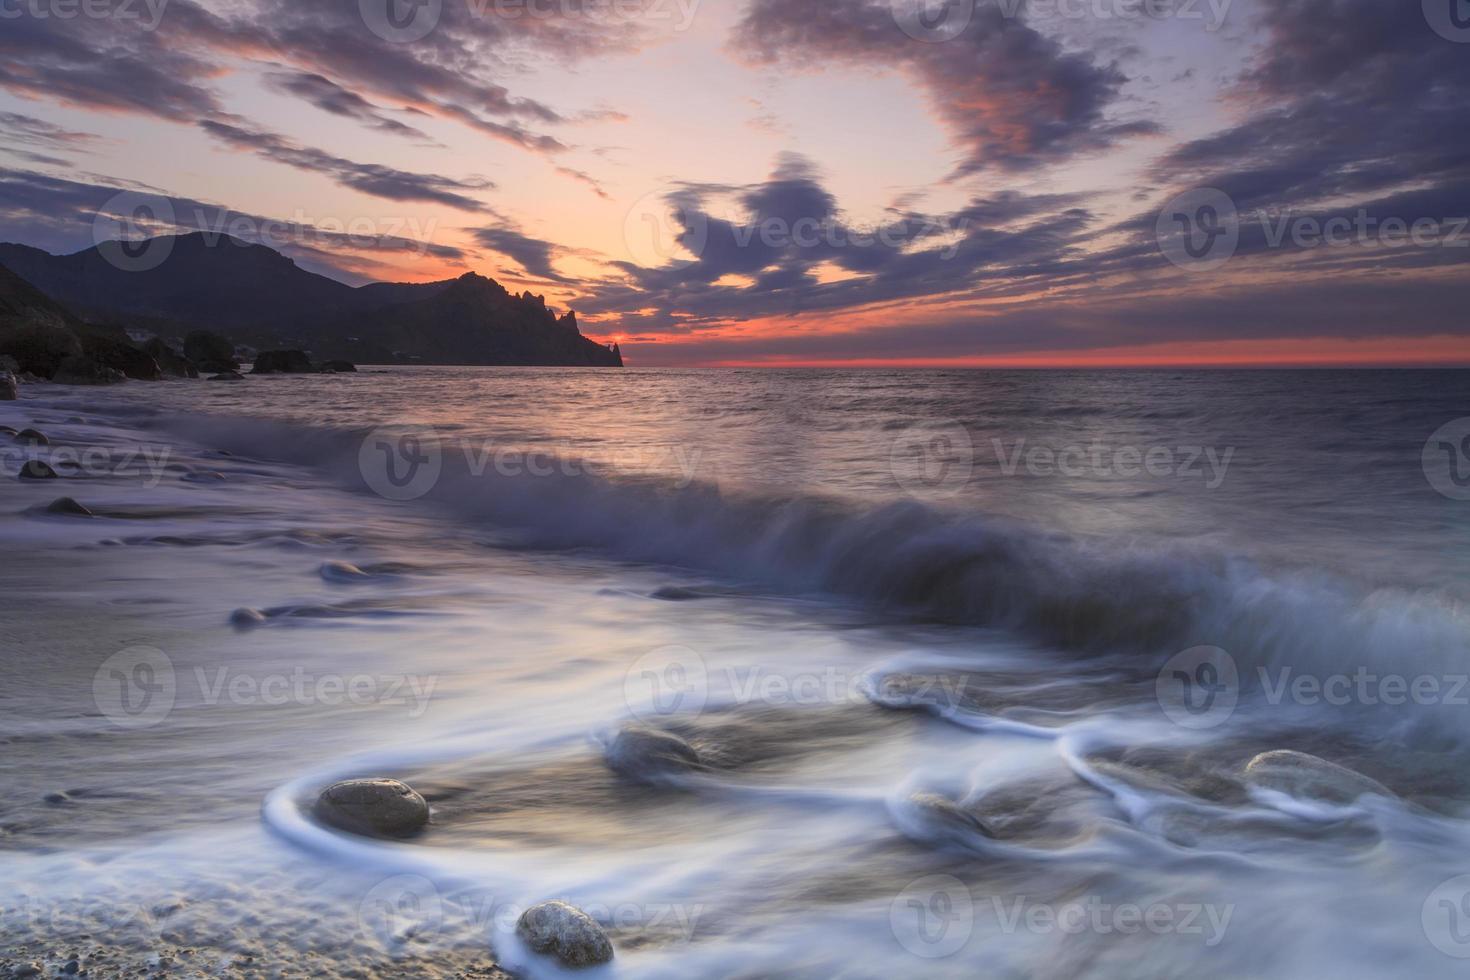 vacker solnedgång på en sandstrand foto